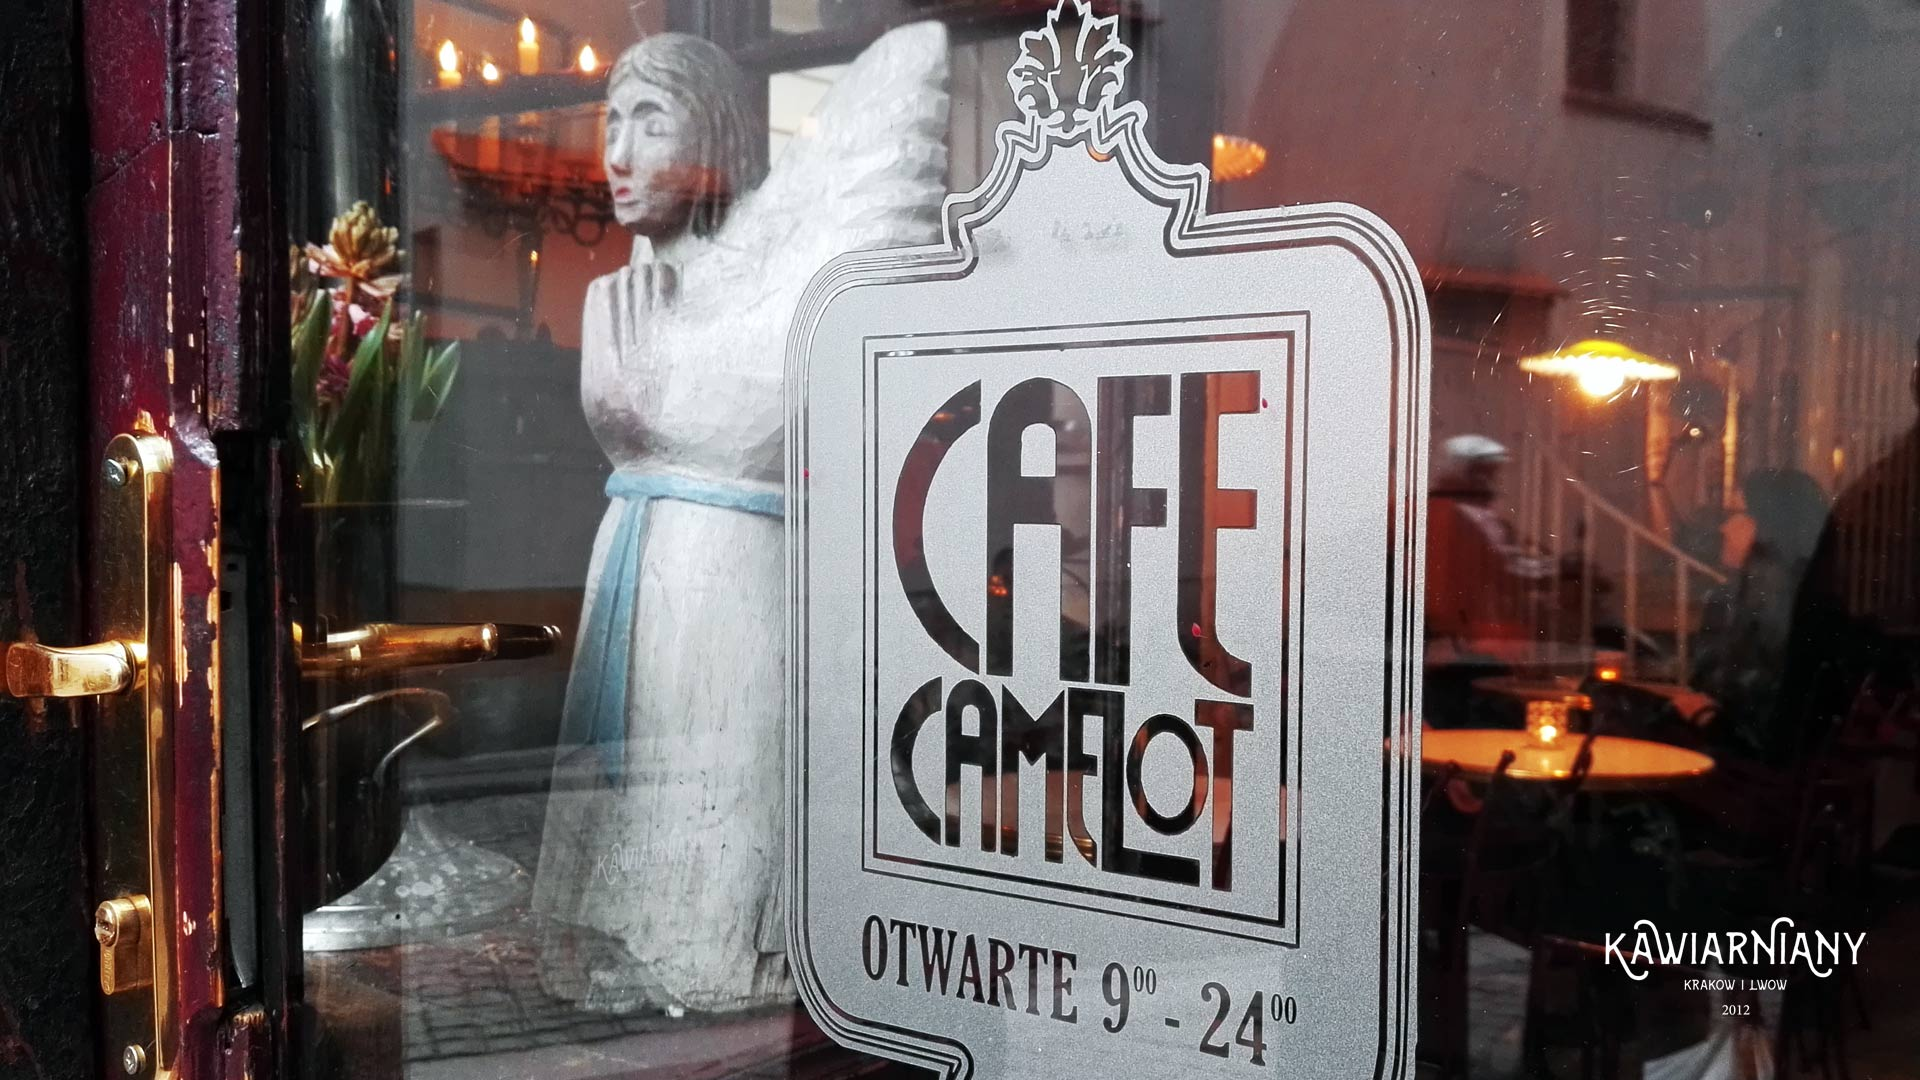 Kawiarnia Cafe Camelot w Krakowie